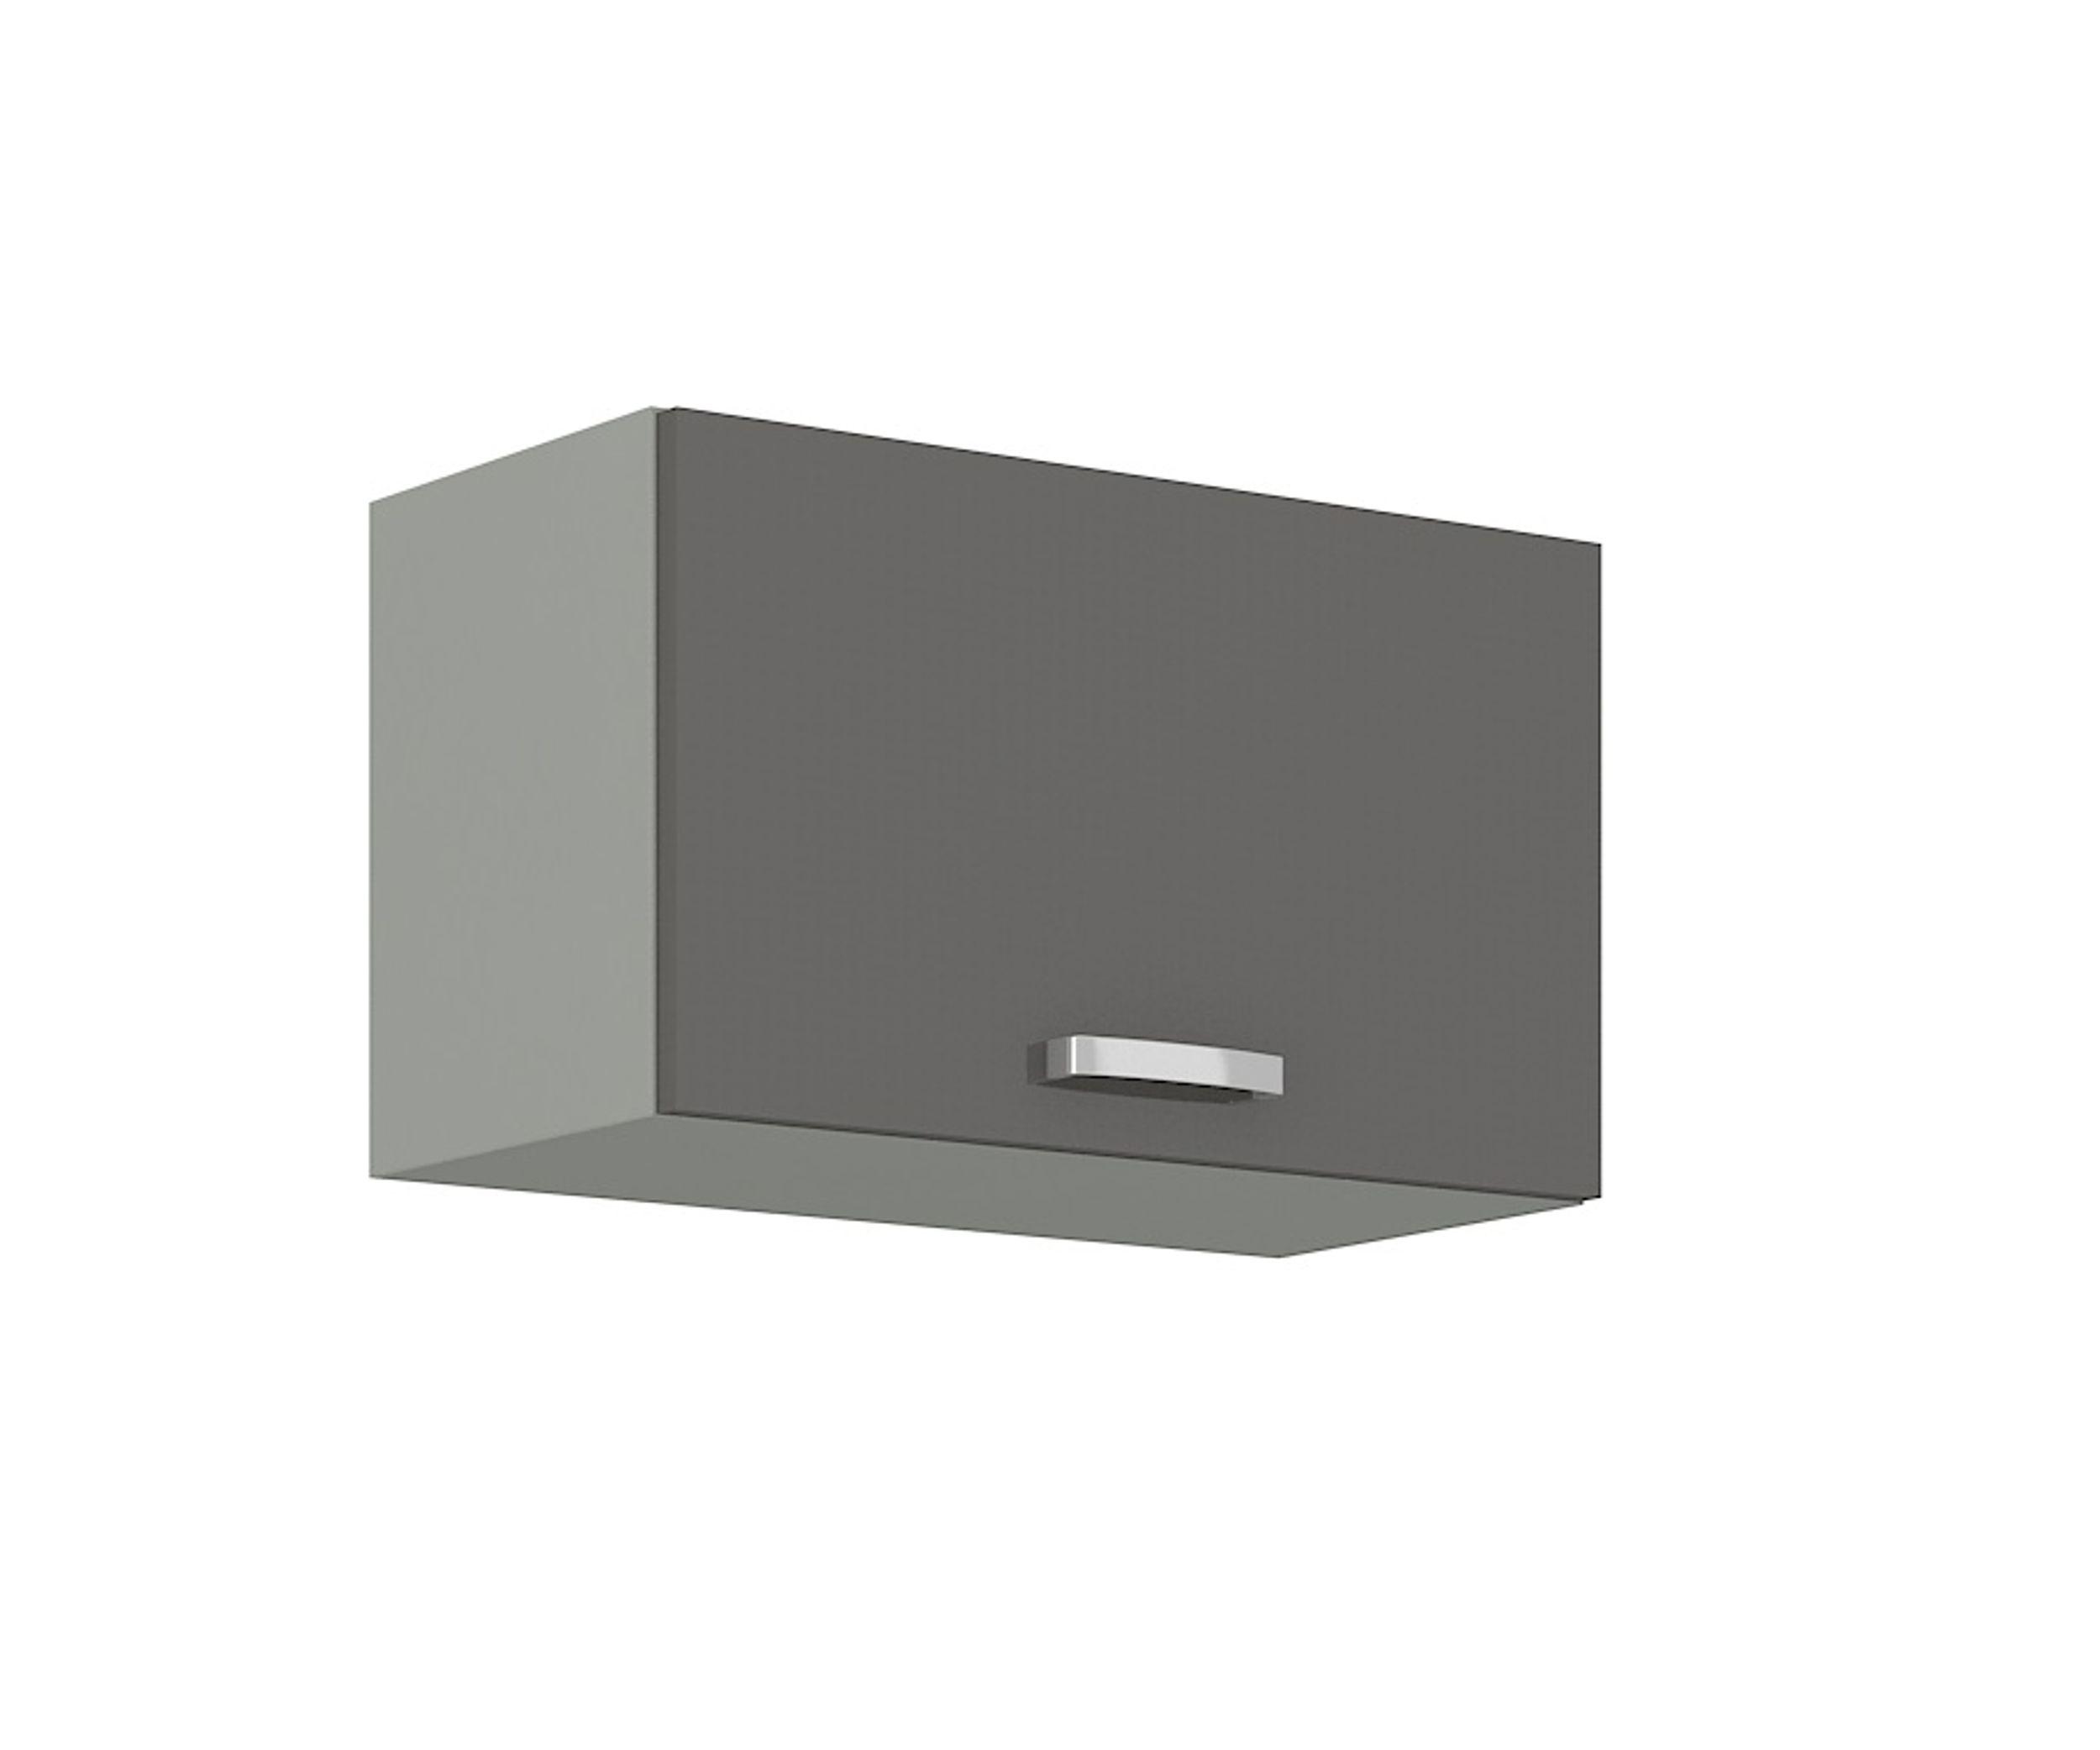 Küchen Hängeschrank 20 Grey Hochglanz Grau Küchenzeile Küchenblock Küche  Vario